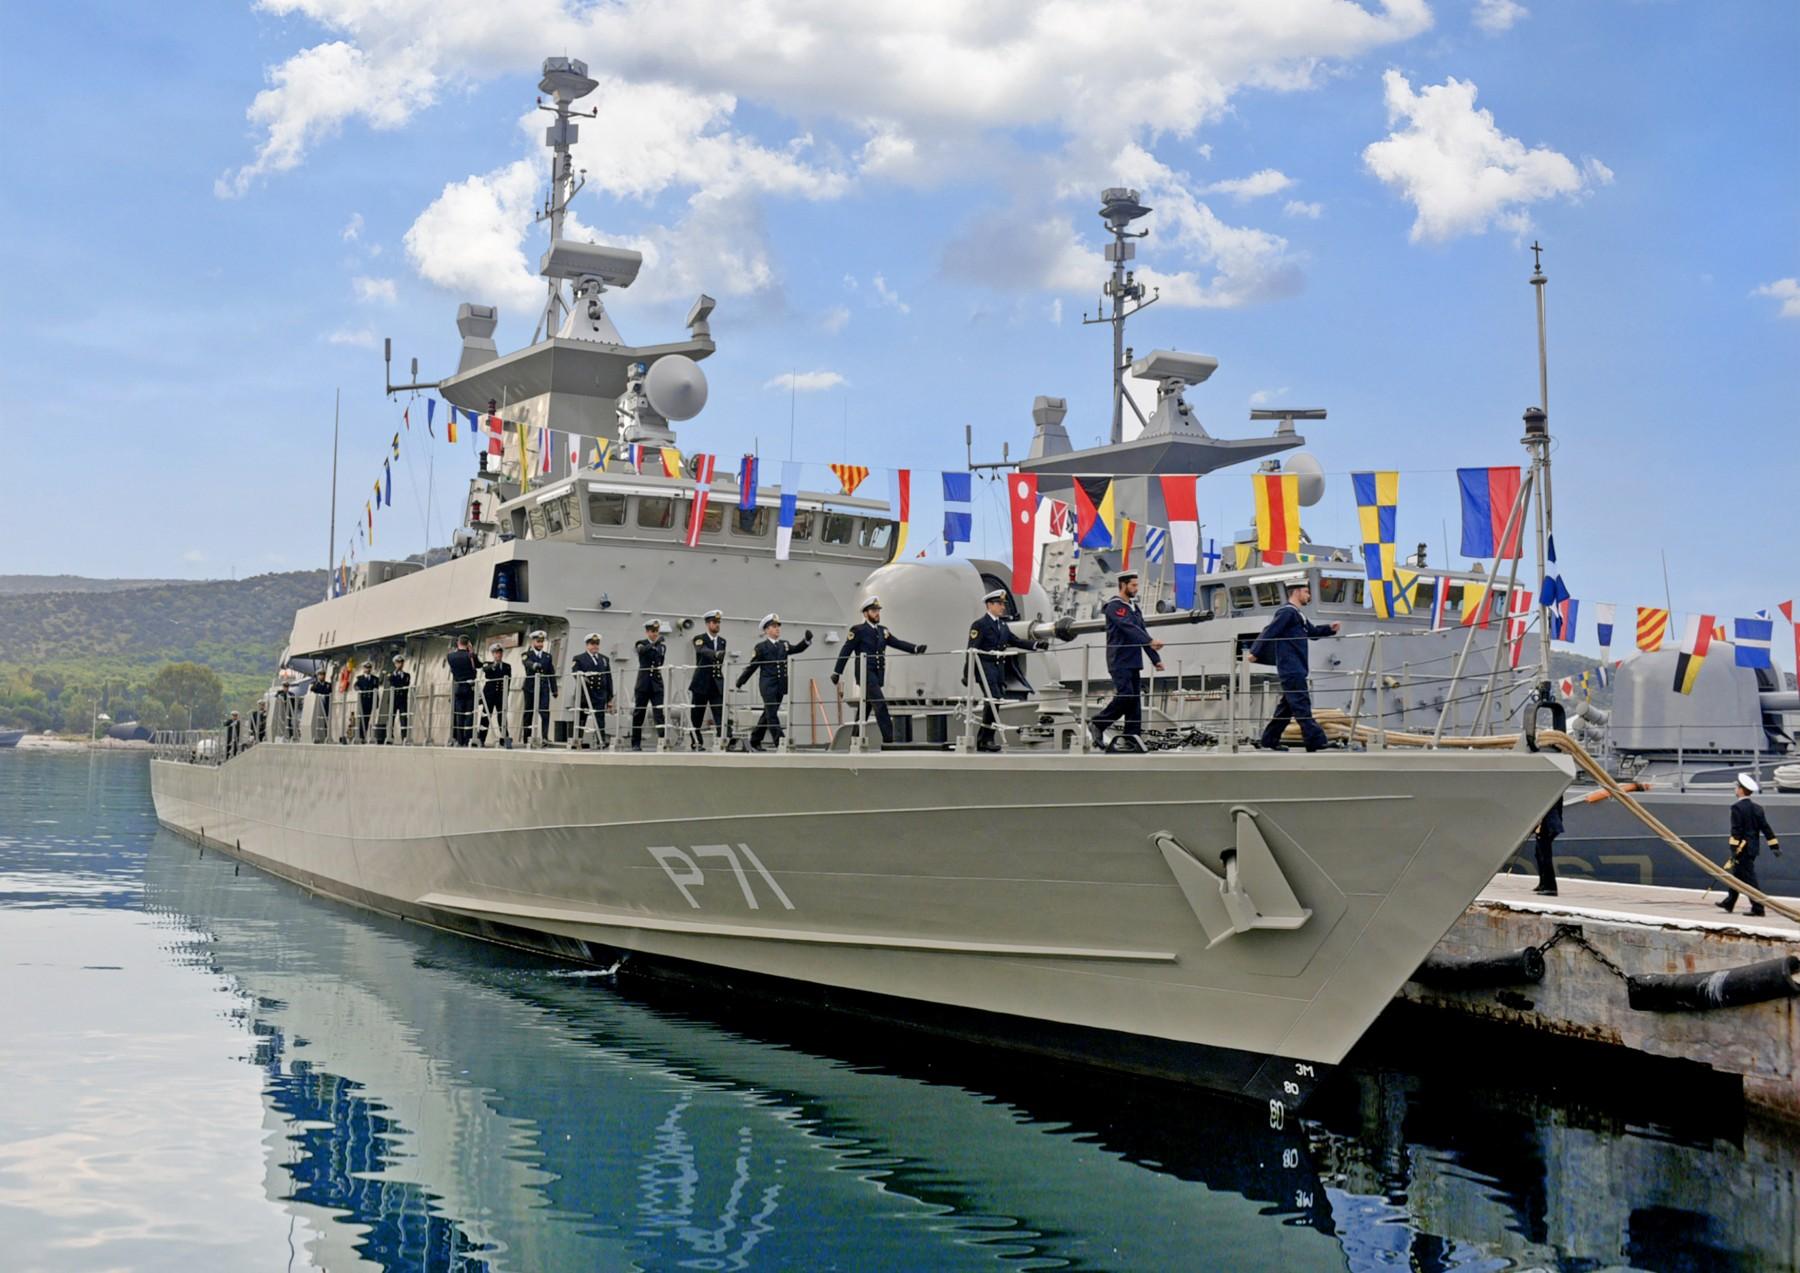 Εορτασμός της 25ης Μαρτίου μαζί με το Πολεμικό Ναυτικό